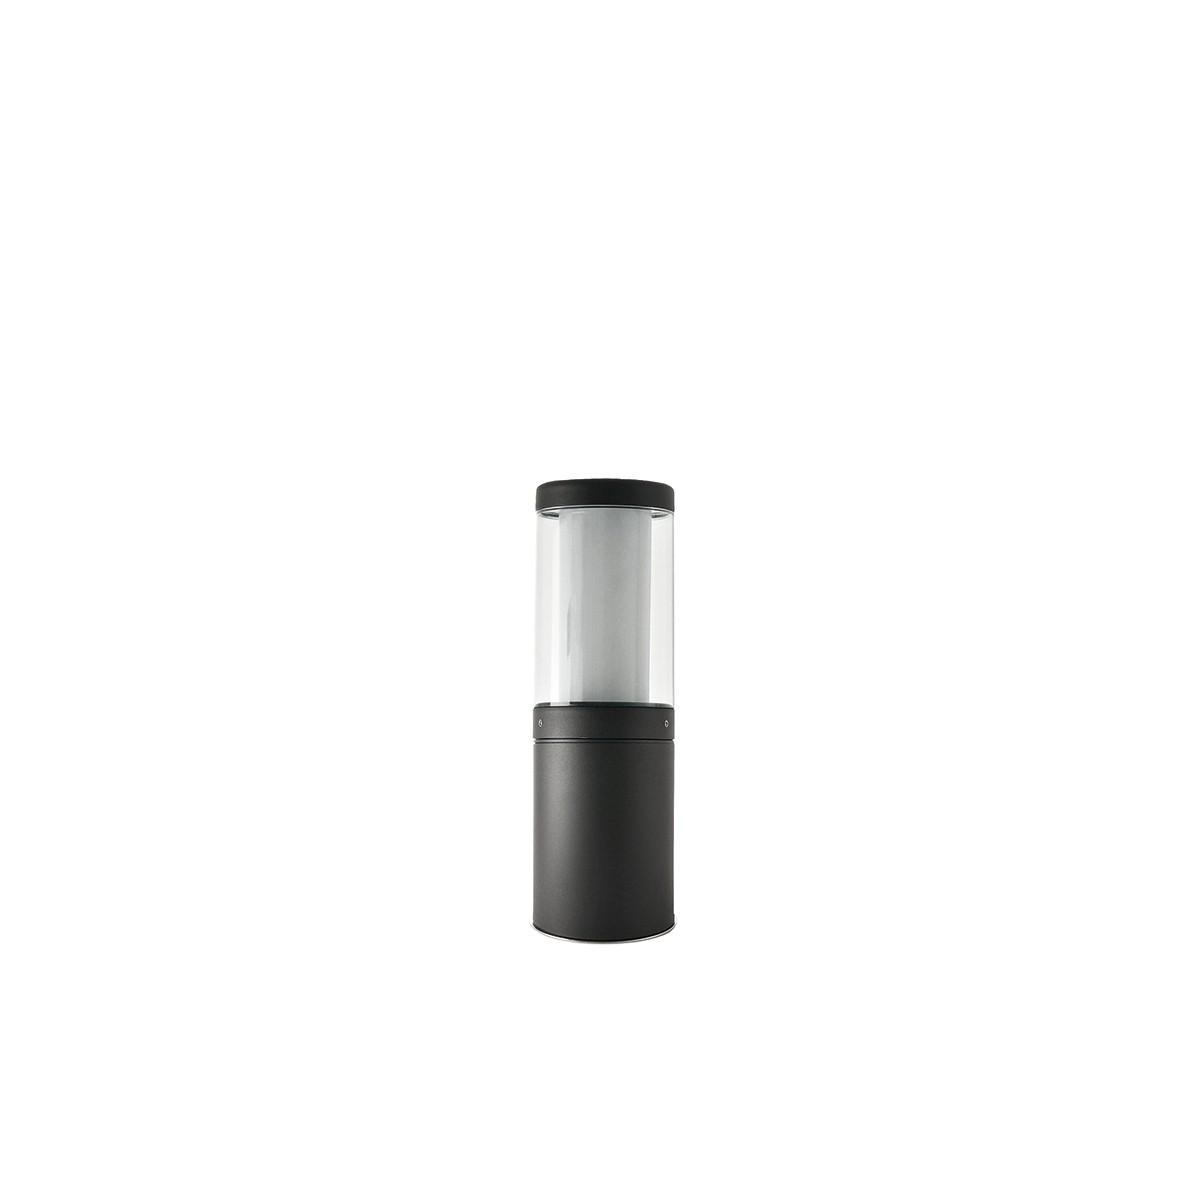 LCD Außenleuchten 1310/1311/1312 Pollerleuchte, Höhe: 45 cm, graphit